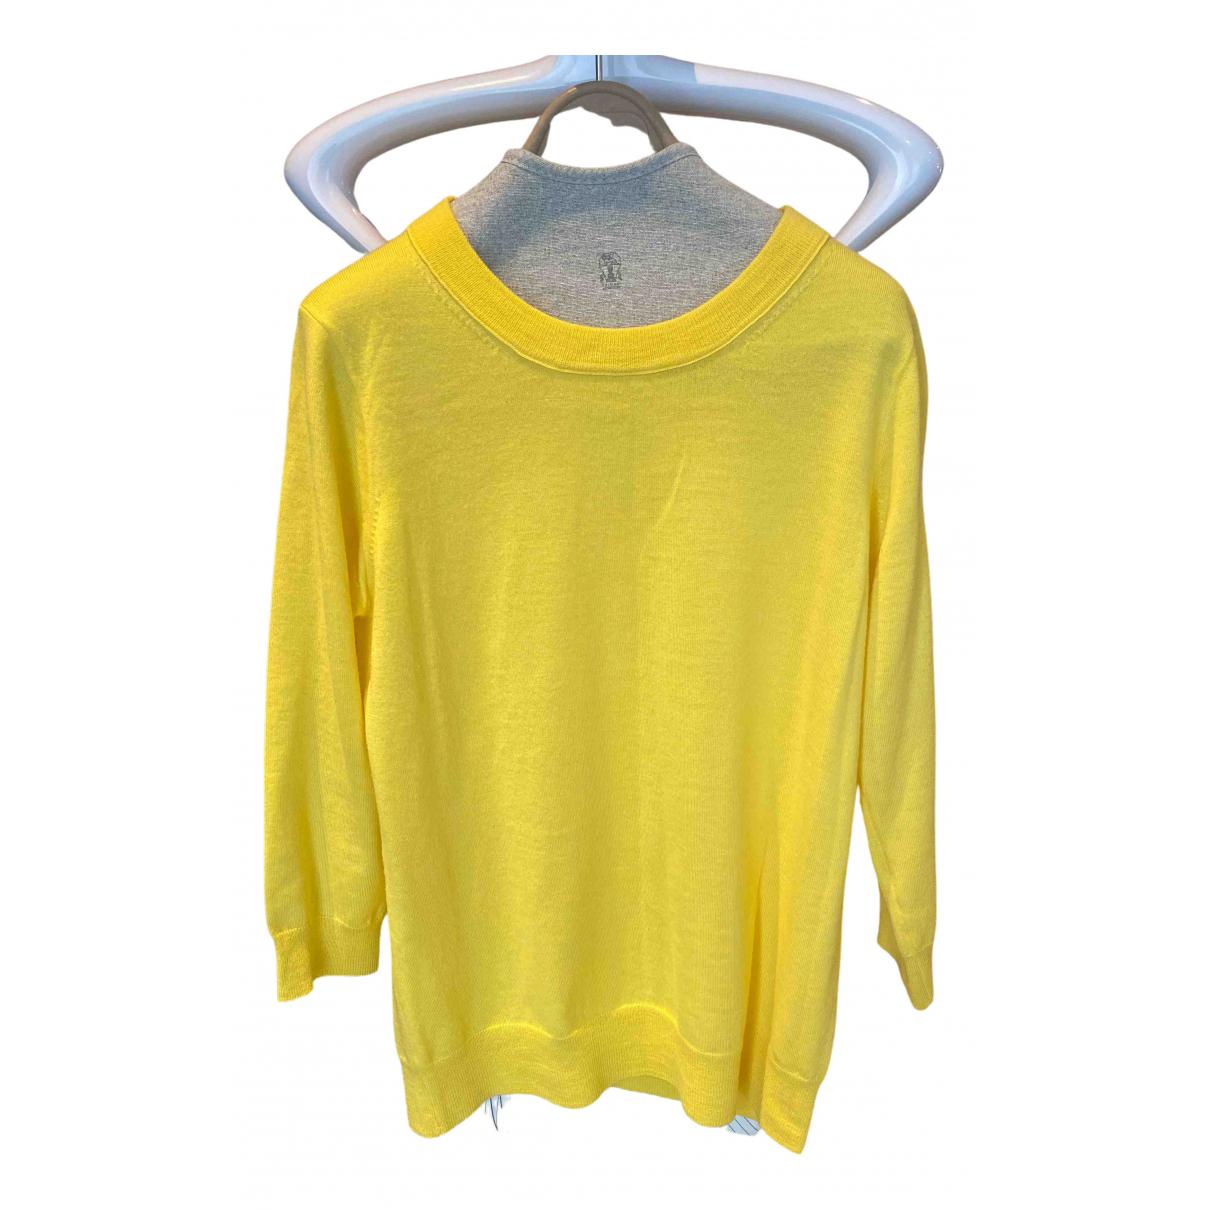 J.crew N Yellow Wool Knitwear for Women S International